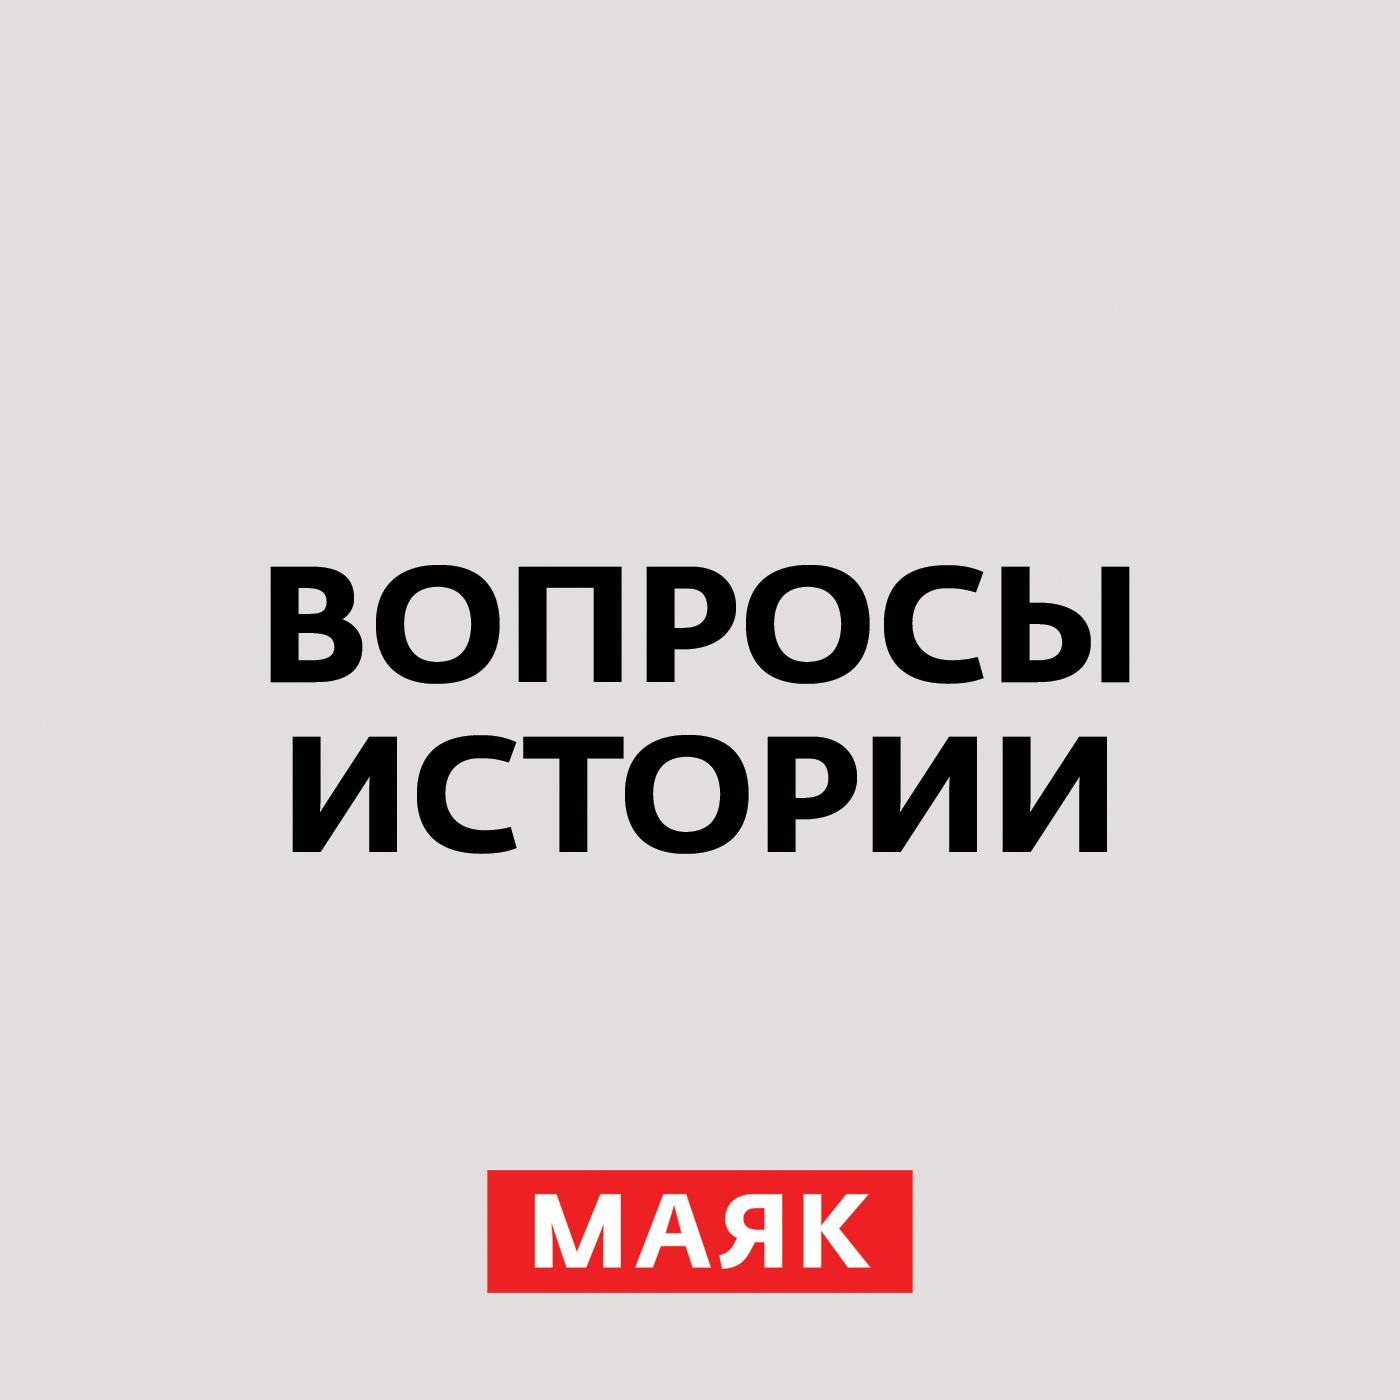 Фото - Андрей Светенко Противотанковые ружья – явление феноменальное чехол для ружья и карабина solognac жесткий чехол для ружья 100